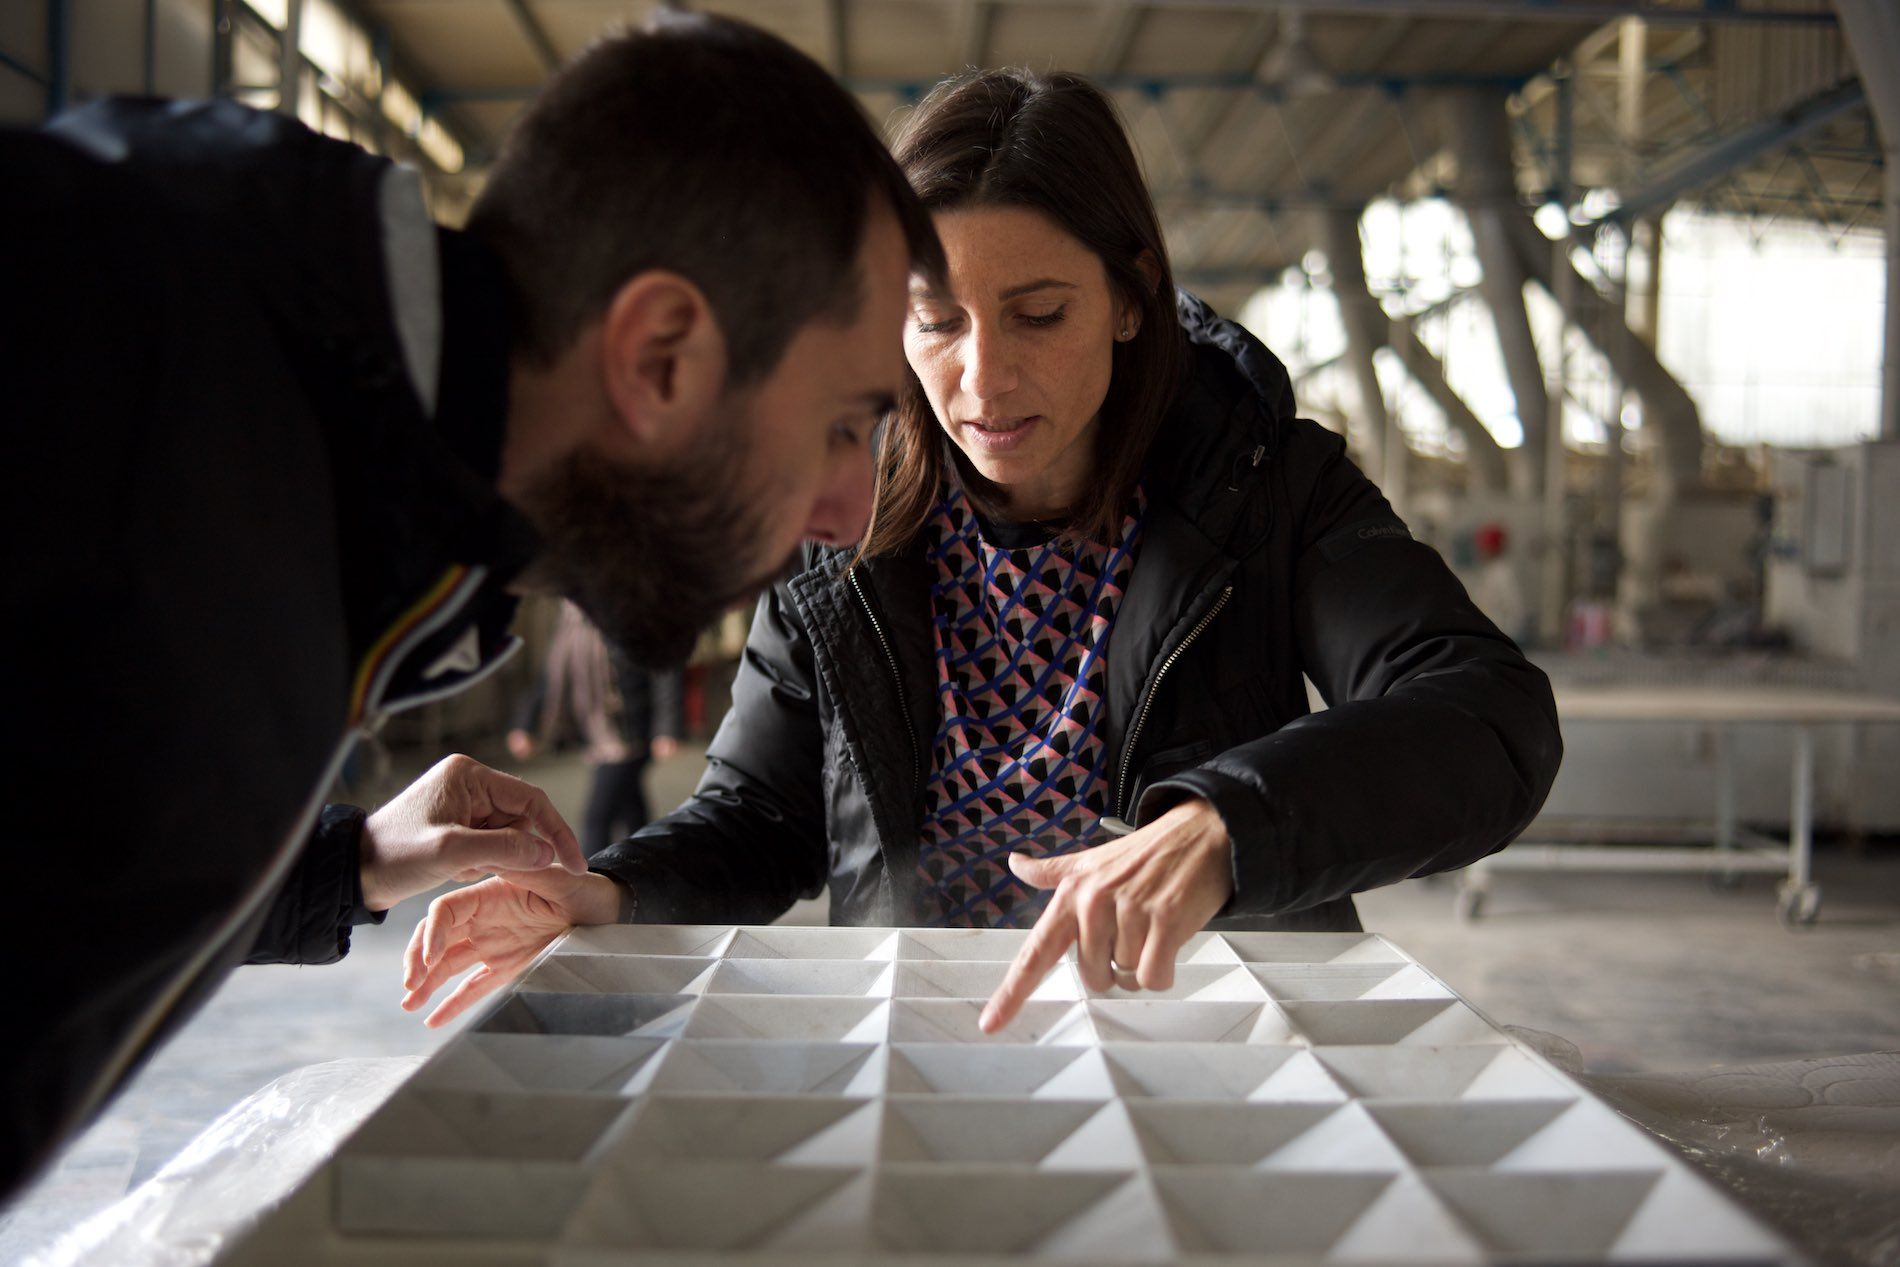 Collezione 10 de ALFA MARMI. Diez lavabos de piedra. Diez diseñadores. Un material: mármol. Hoy os presentamos Aquadra de Studio AAIDO MA #alfamarmi #arquitectura #diseño #marmol #baño #mármol #lavabos goo.gl/PJFBr4